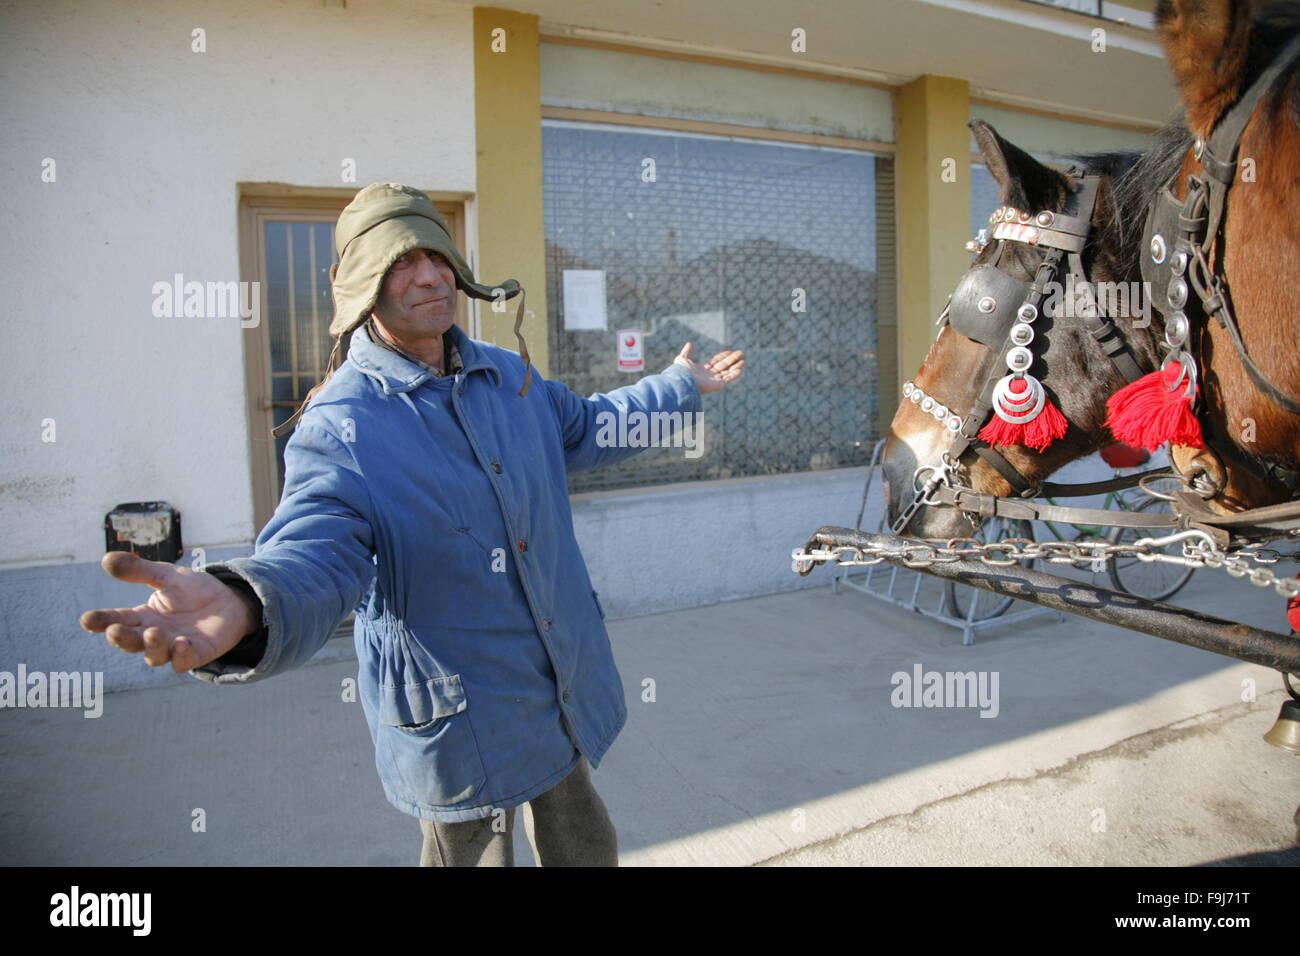 Hombre delante de Gipsy village inn. Eslovaquia. Los problemas sociales, el alcohol adicted, pobreza, alcoholismo. Foto de stock